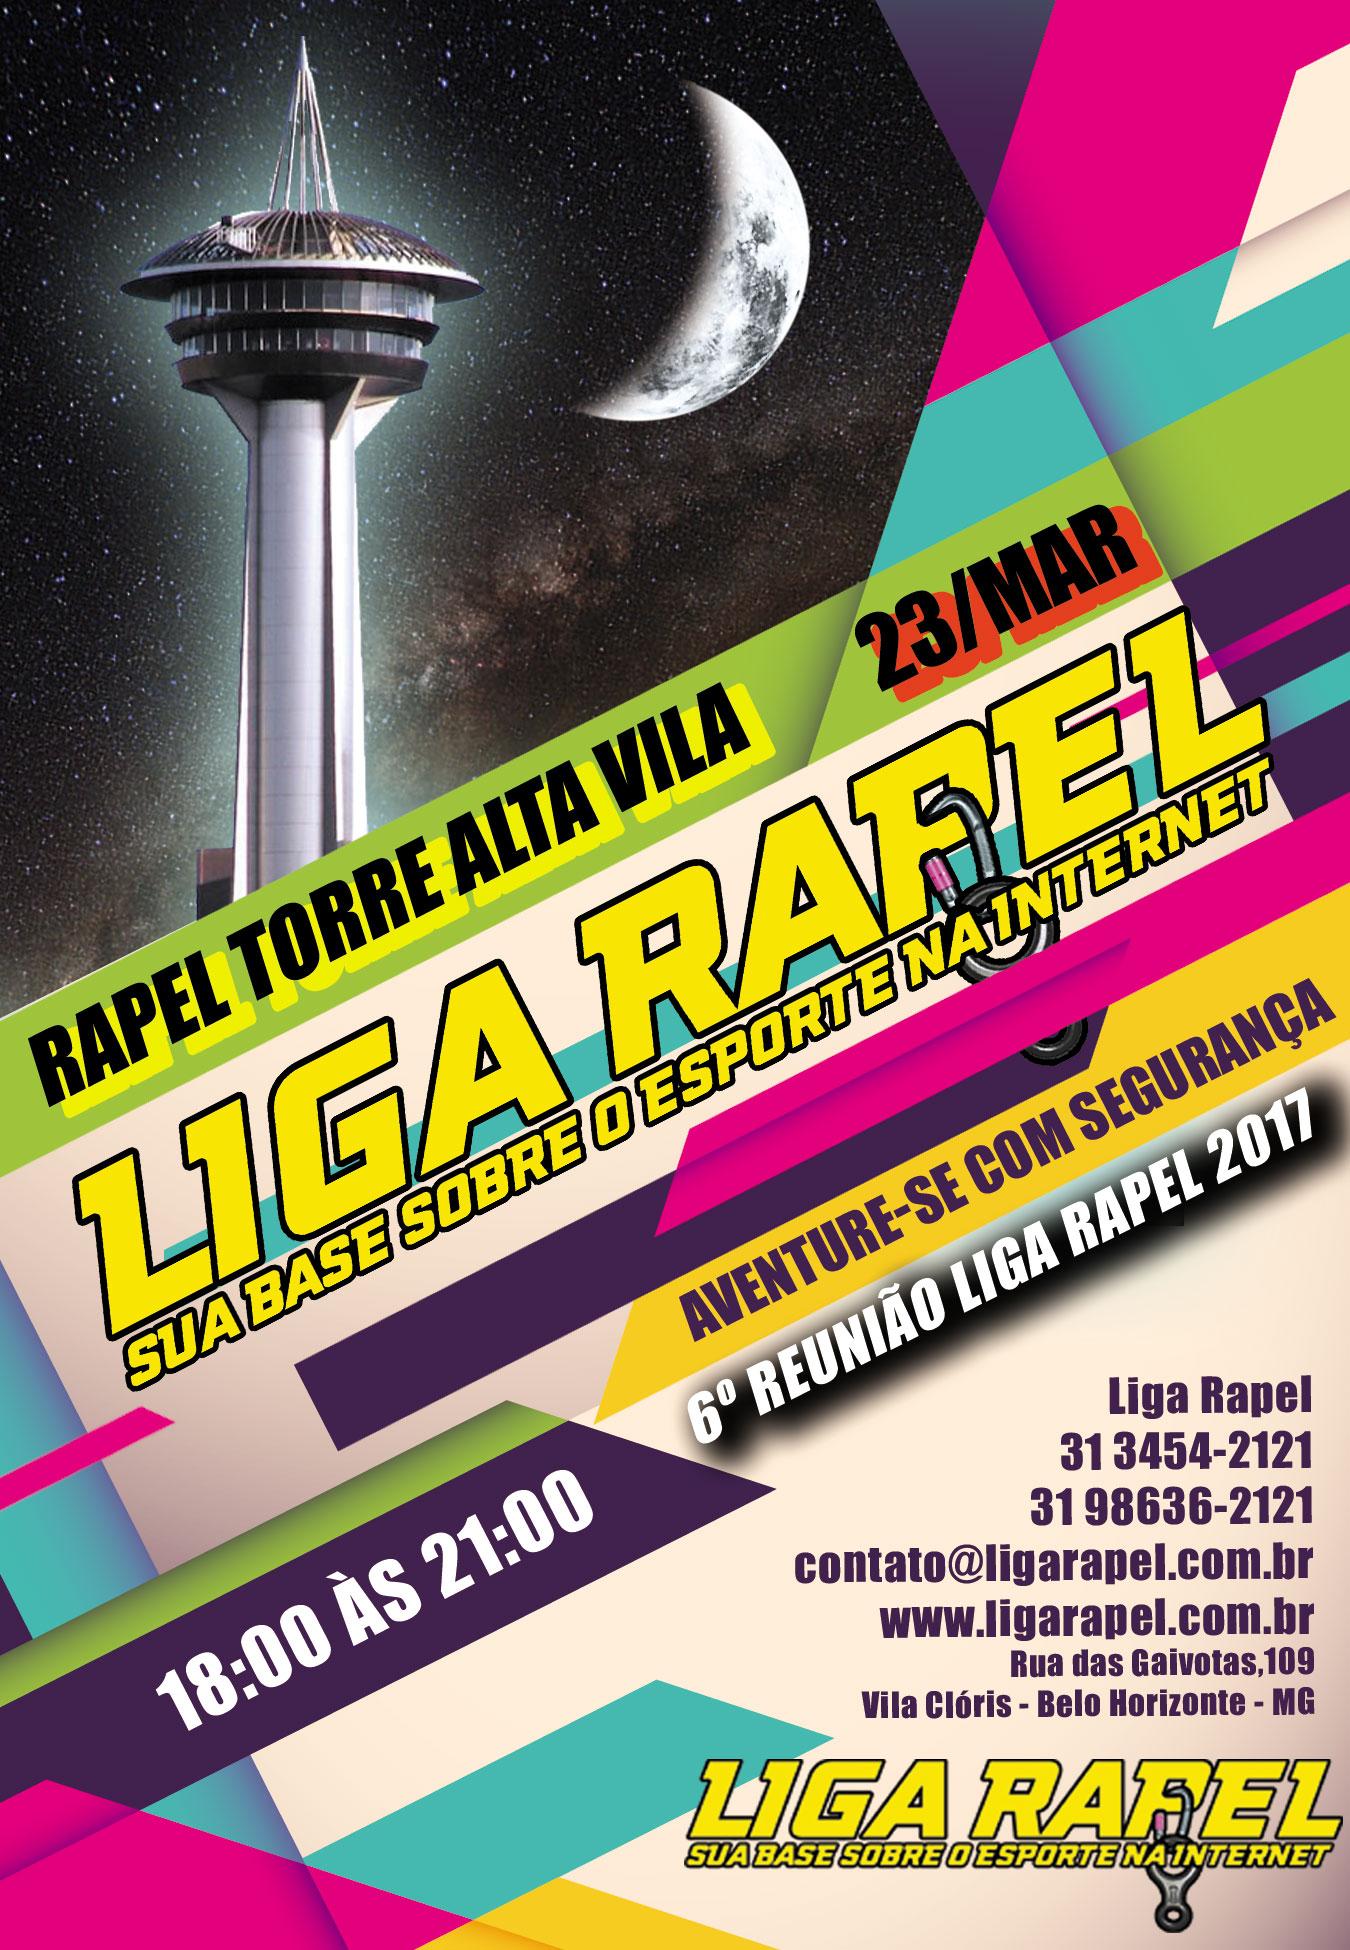 6º Reunião Mensal Liga Rapel – Torre Alta Vila – Nova Lima – MG